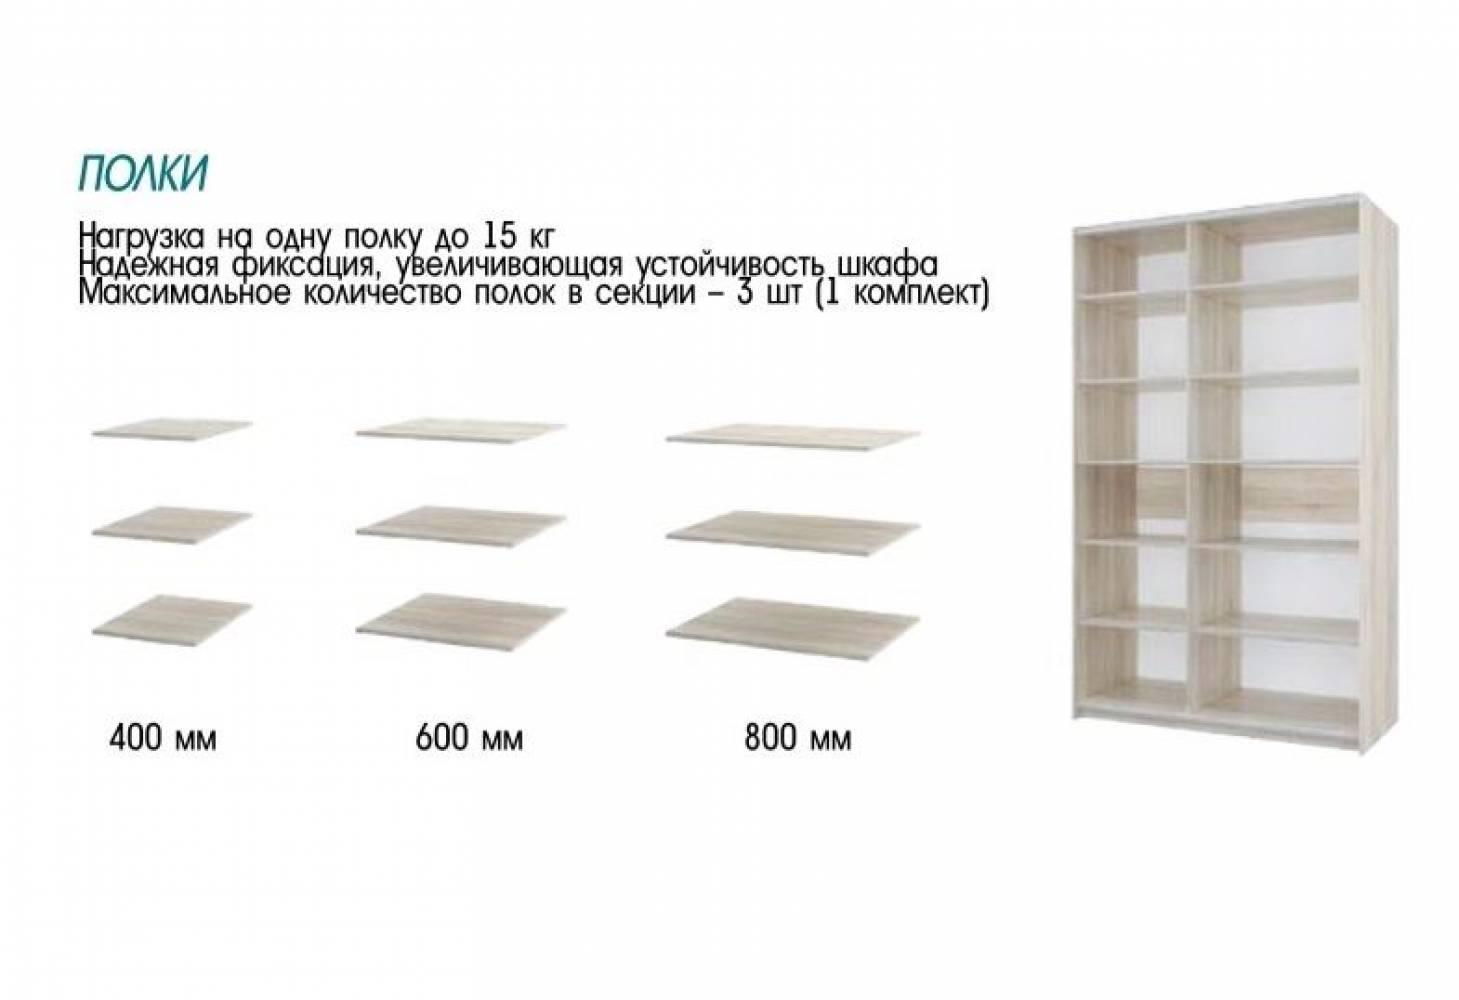 Шкаф Фортуна-13 (2200) 400/400/600/800